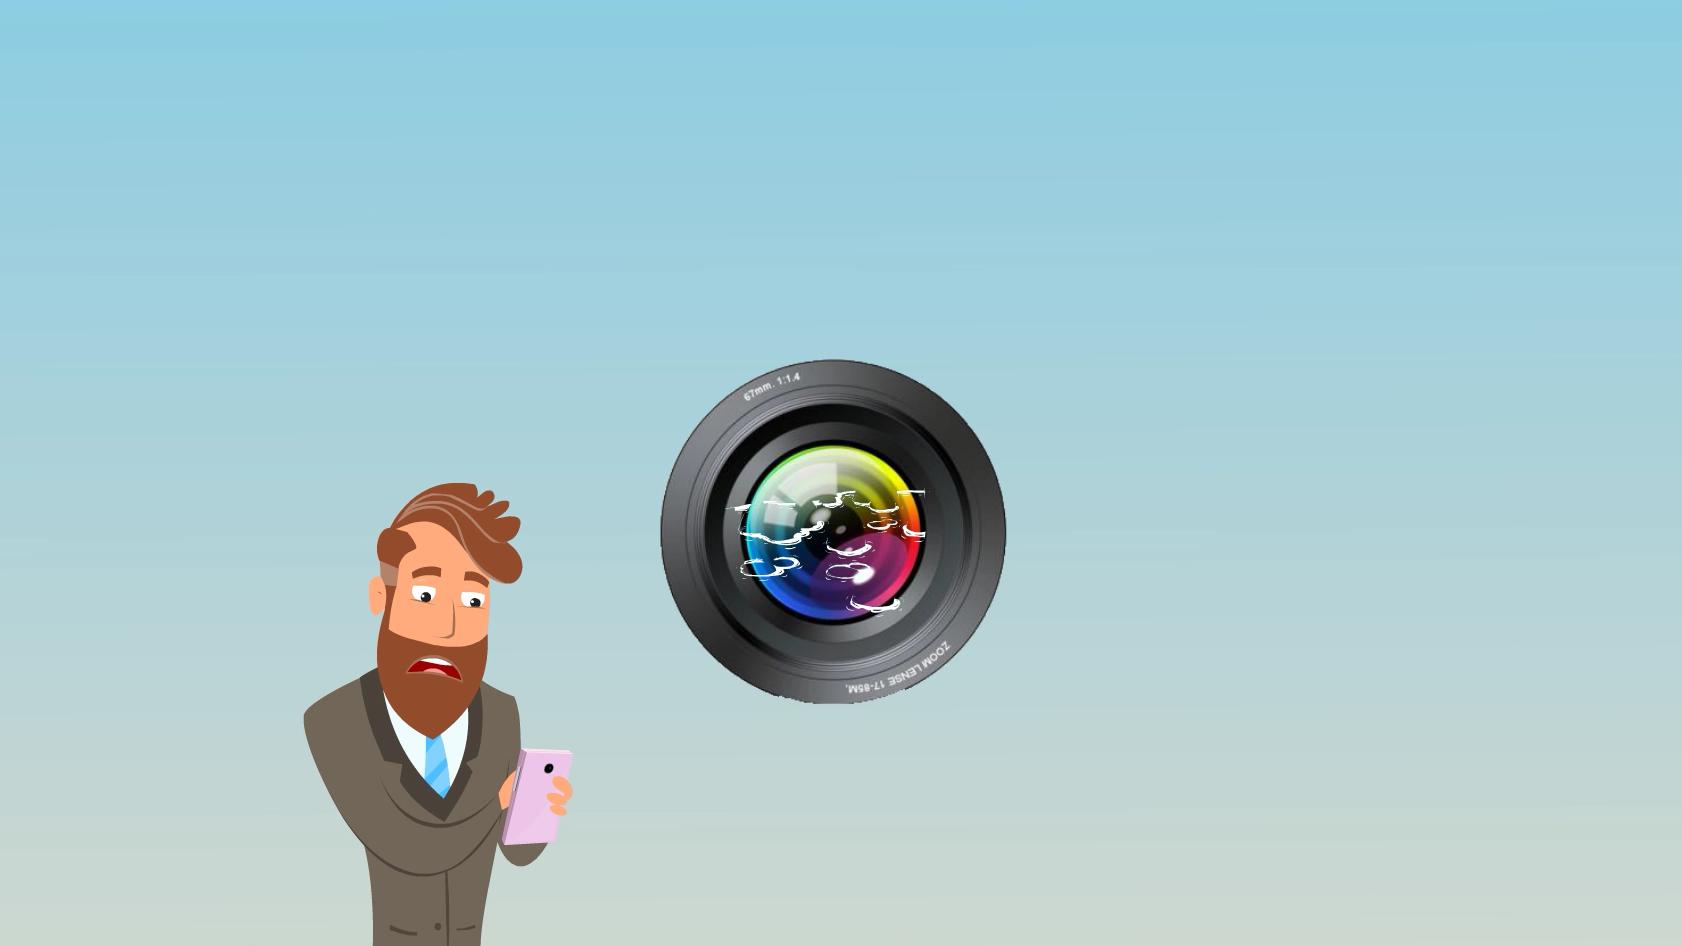 手机摄像头有水雾怎么办